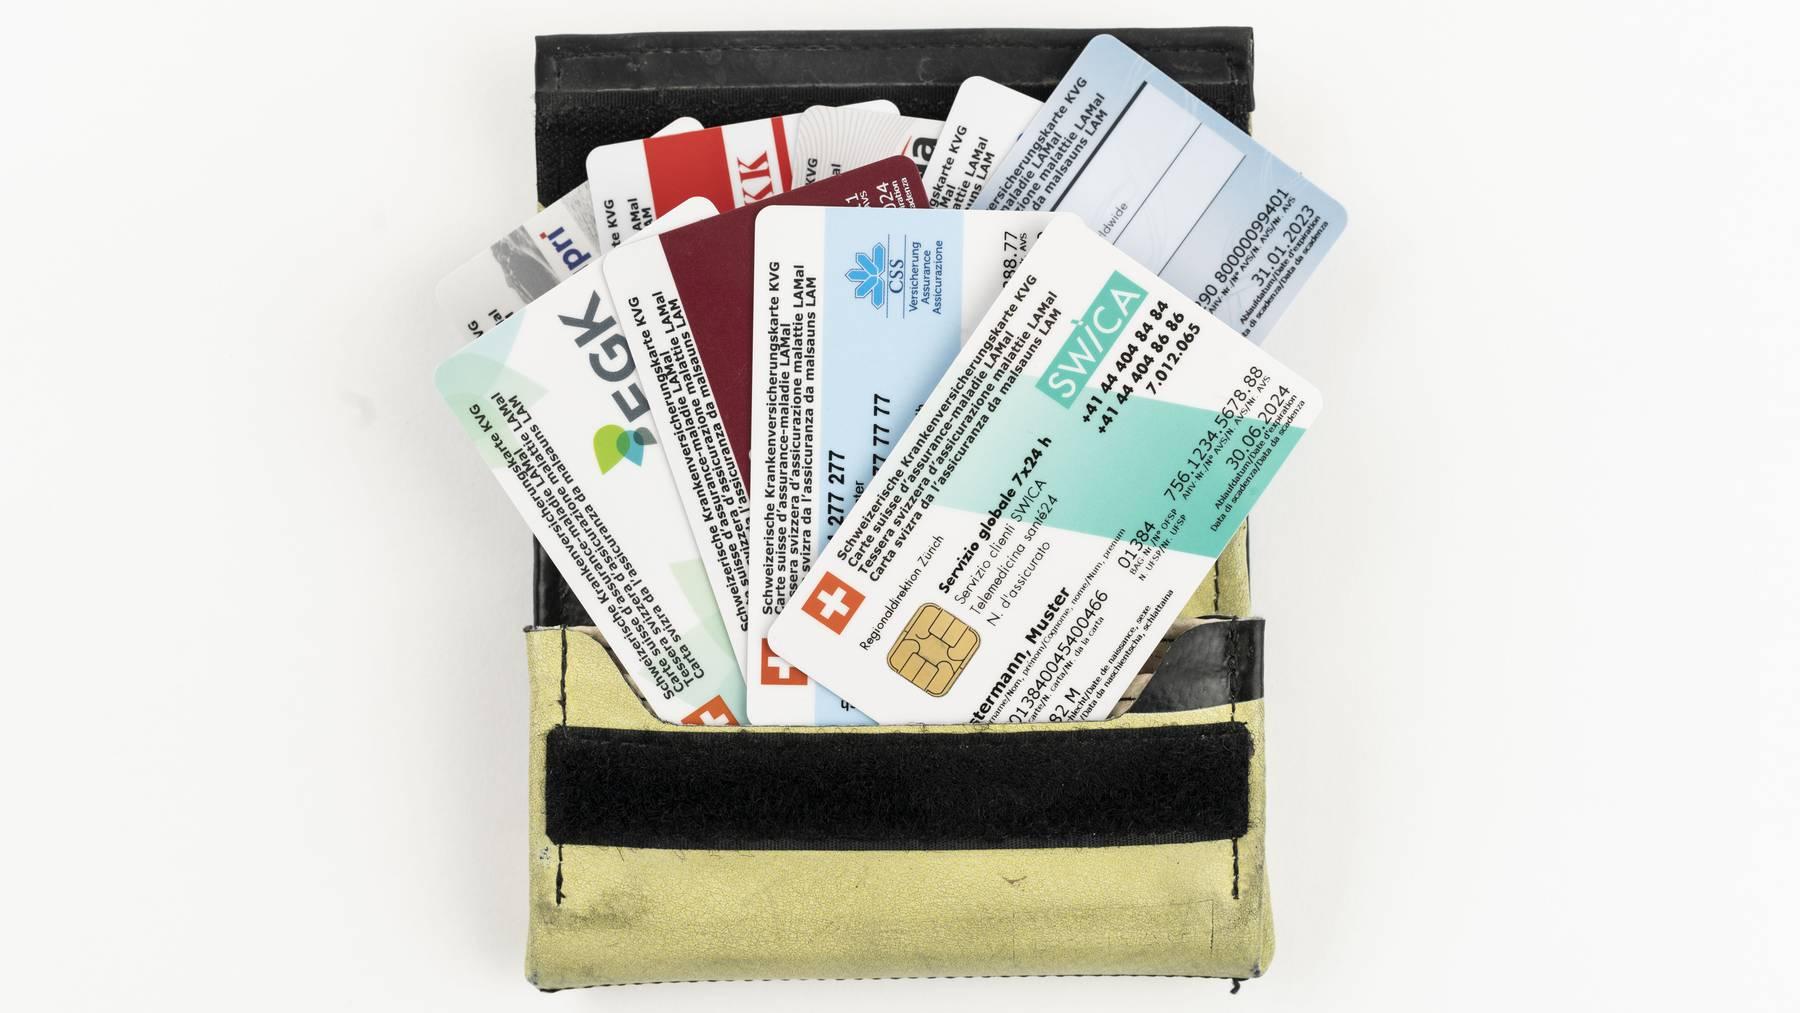 Verschiedene Schweizer Krankenversicherungskarten in einem Portemonnaie, aufgenommen am 9. September 2019 in Zuerich. Krankenkasse